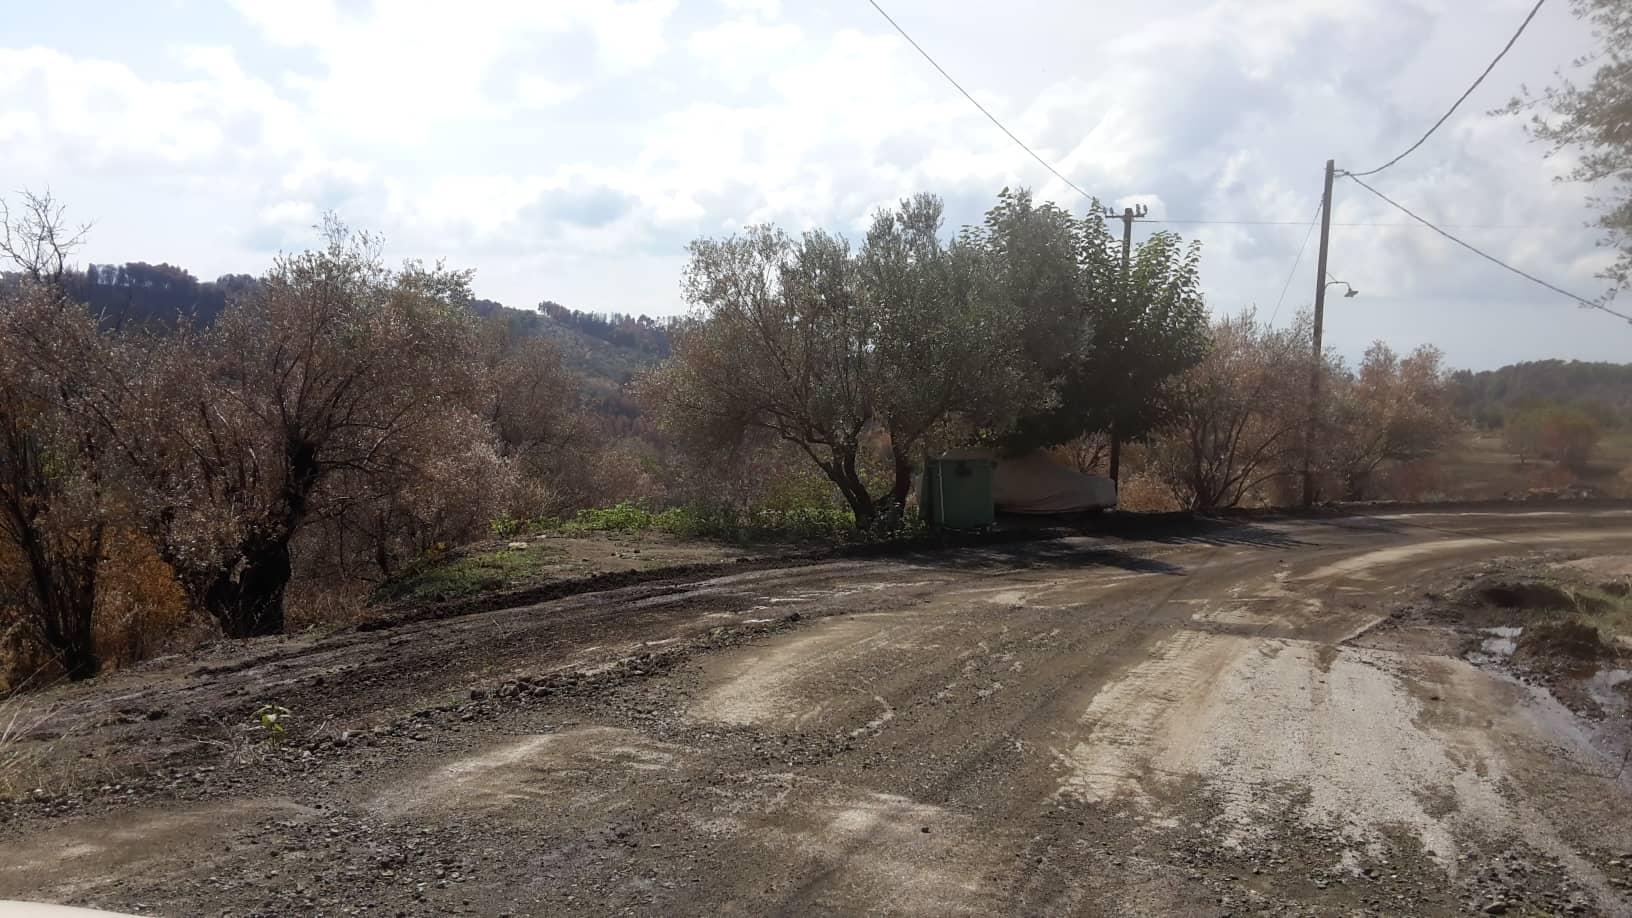 Σταυρός:  «Ξηλώθηκε» ο δρόμος από την βροχή (φωτογραφίες) 41664779 663245064048142 1184847508346503168 n